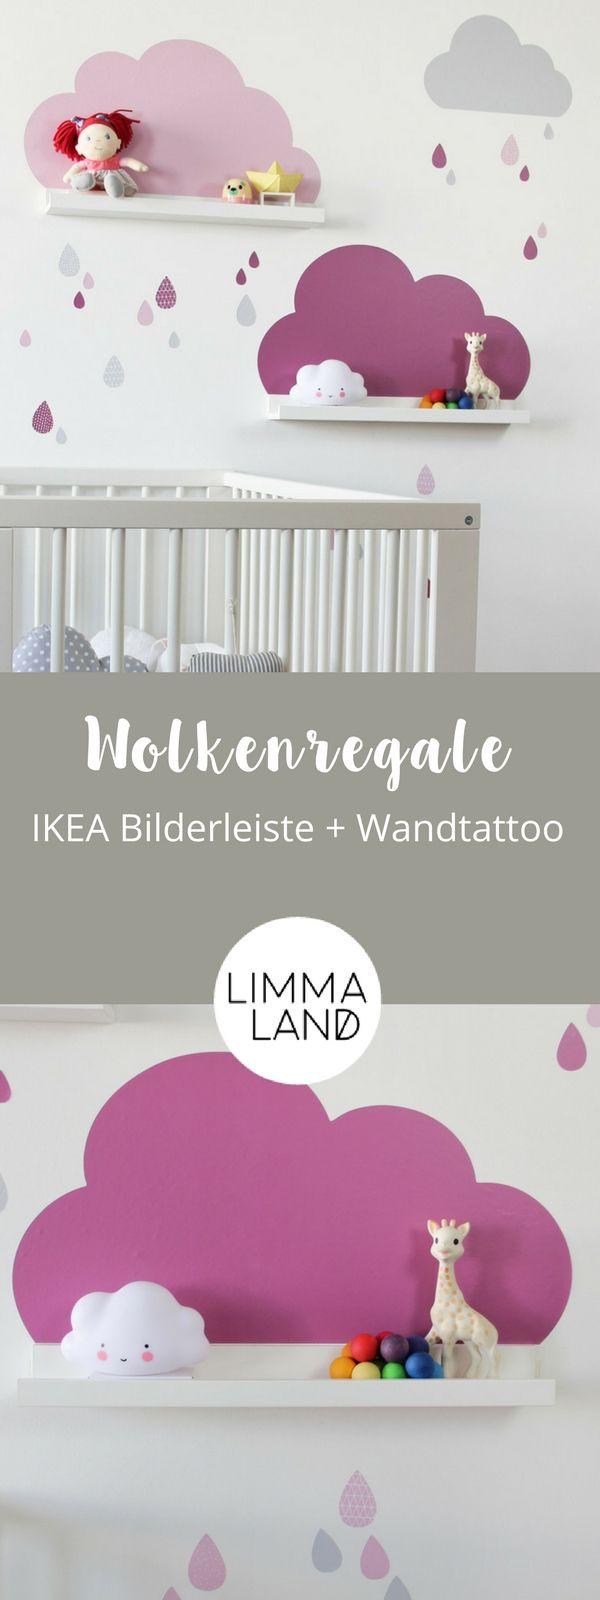 Wolken Kinderzimmer Gestalten Mit Wandtattoos Passend Für Die IKEA  Mosslanda (früher: RIBBA) Bilderleiste. Fünf Wolken Tattoo Mit Stylischen  Musteru2026